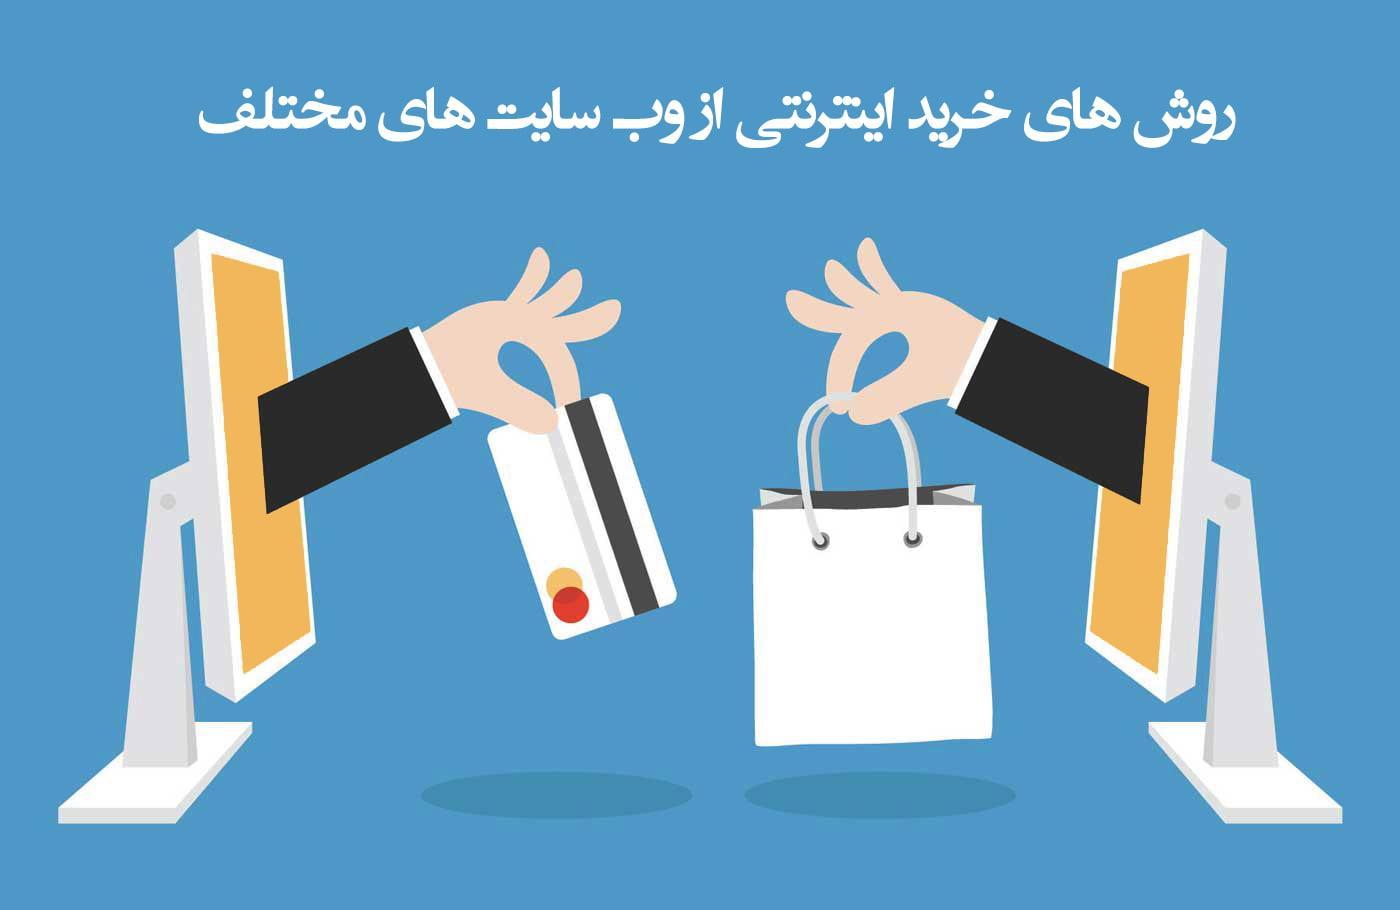 خرید اینترنتی از سایت های مختلف - وب سایت برتر رایانه